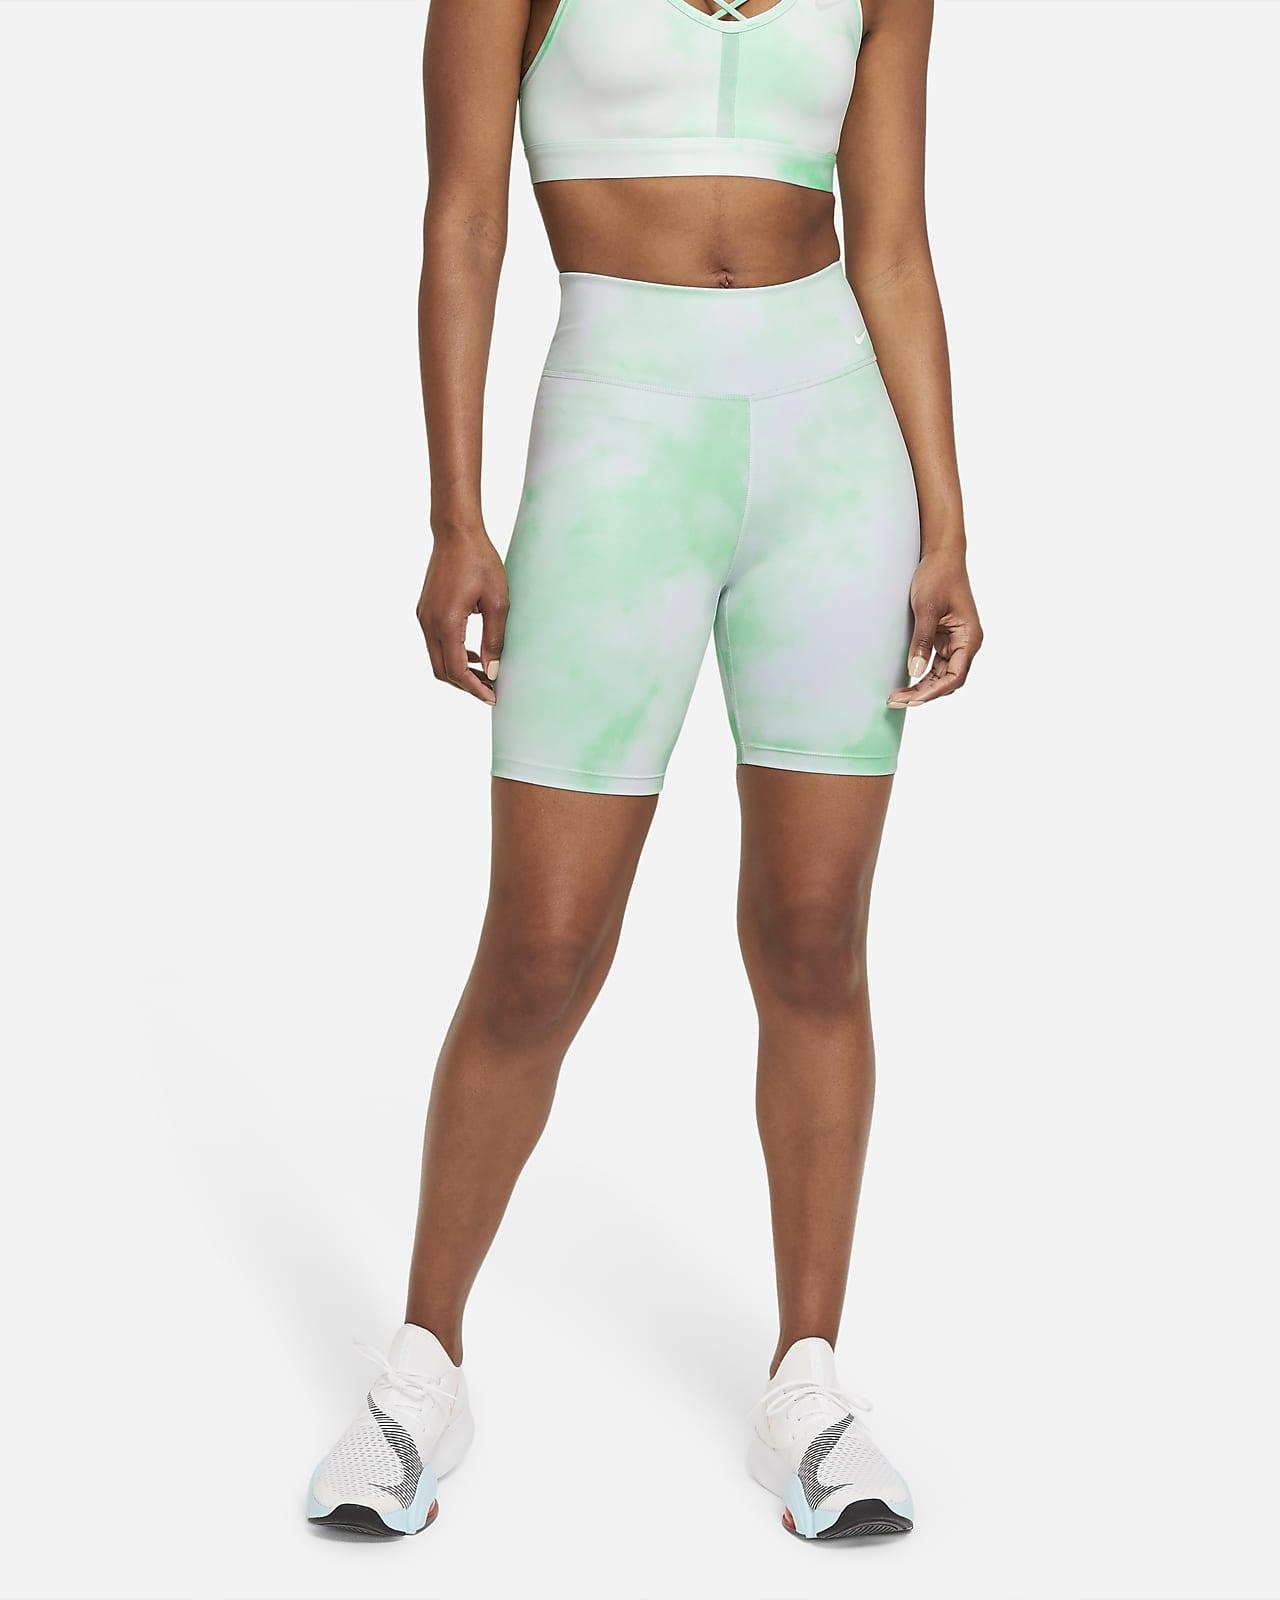 Nike One Icon Clash-shorts (17 cm) med print til kvinder